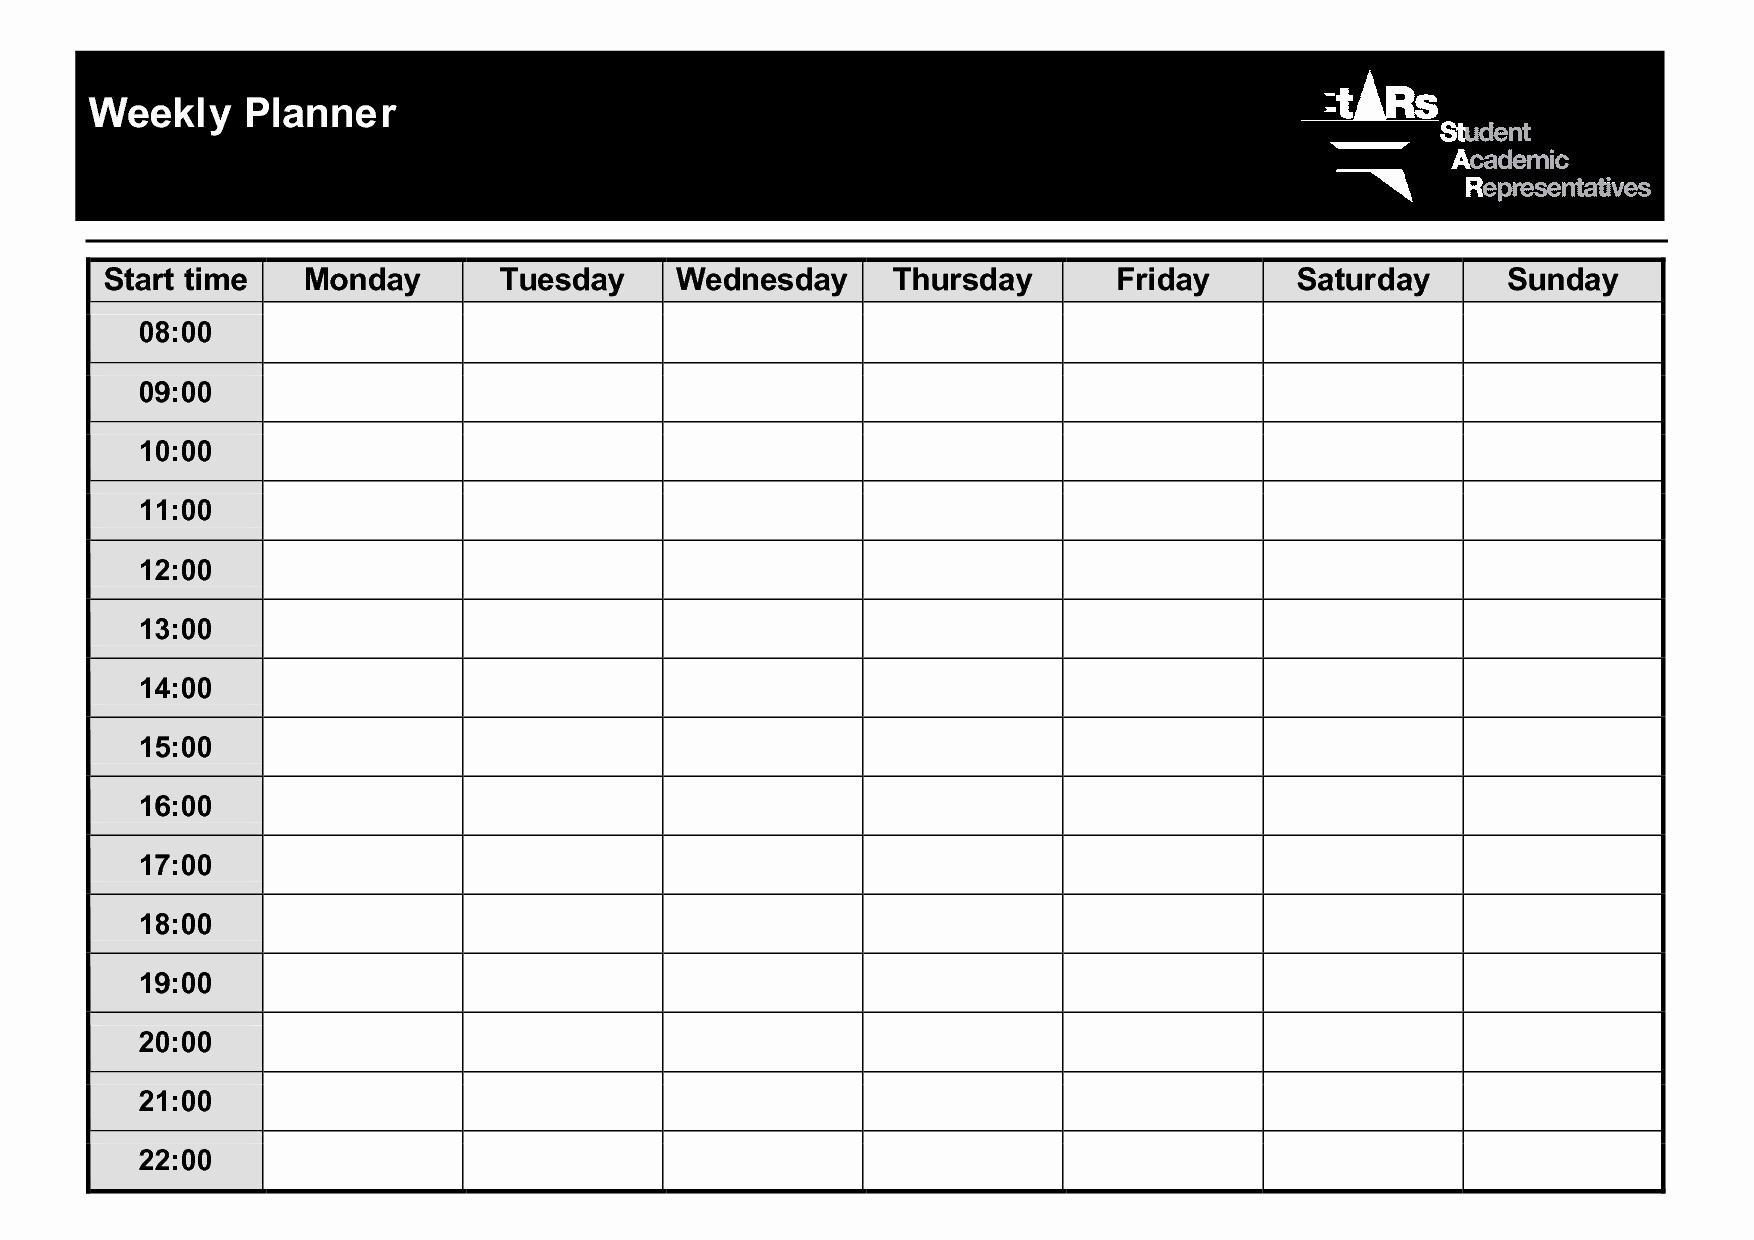 Daily Planner Printable Pdf Luxury Weekly Planner Template Pdf Jj